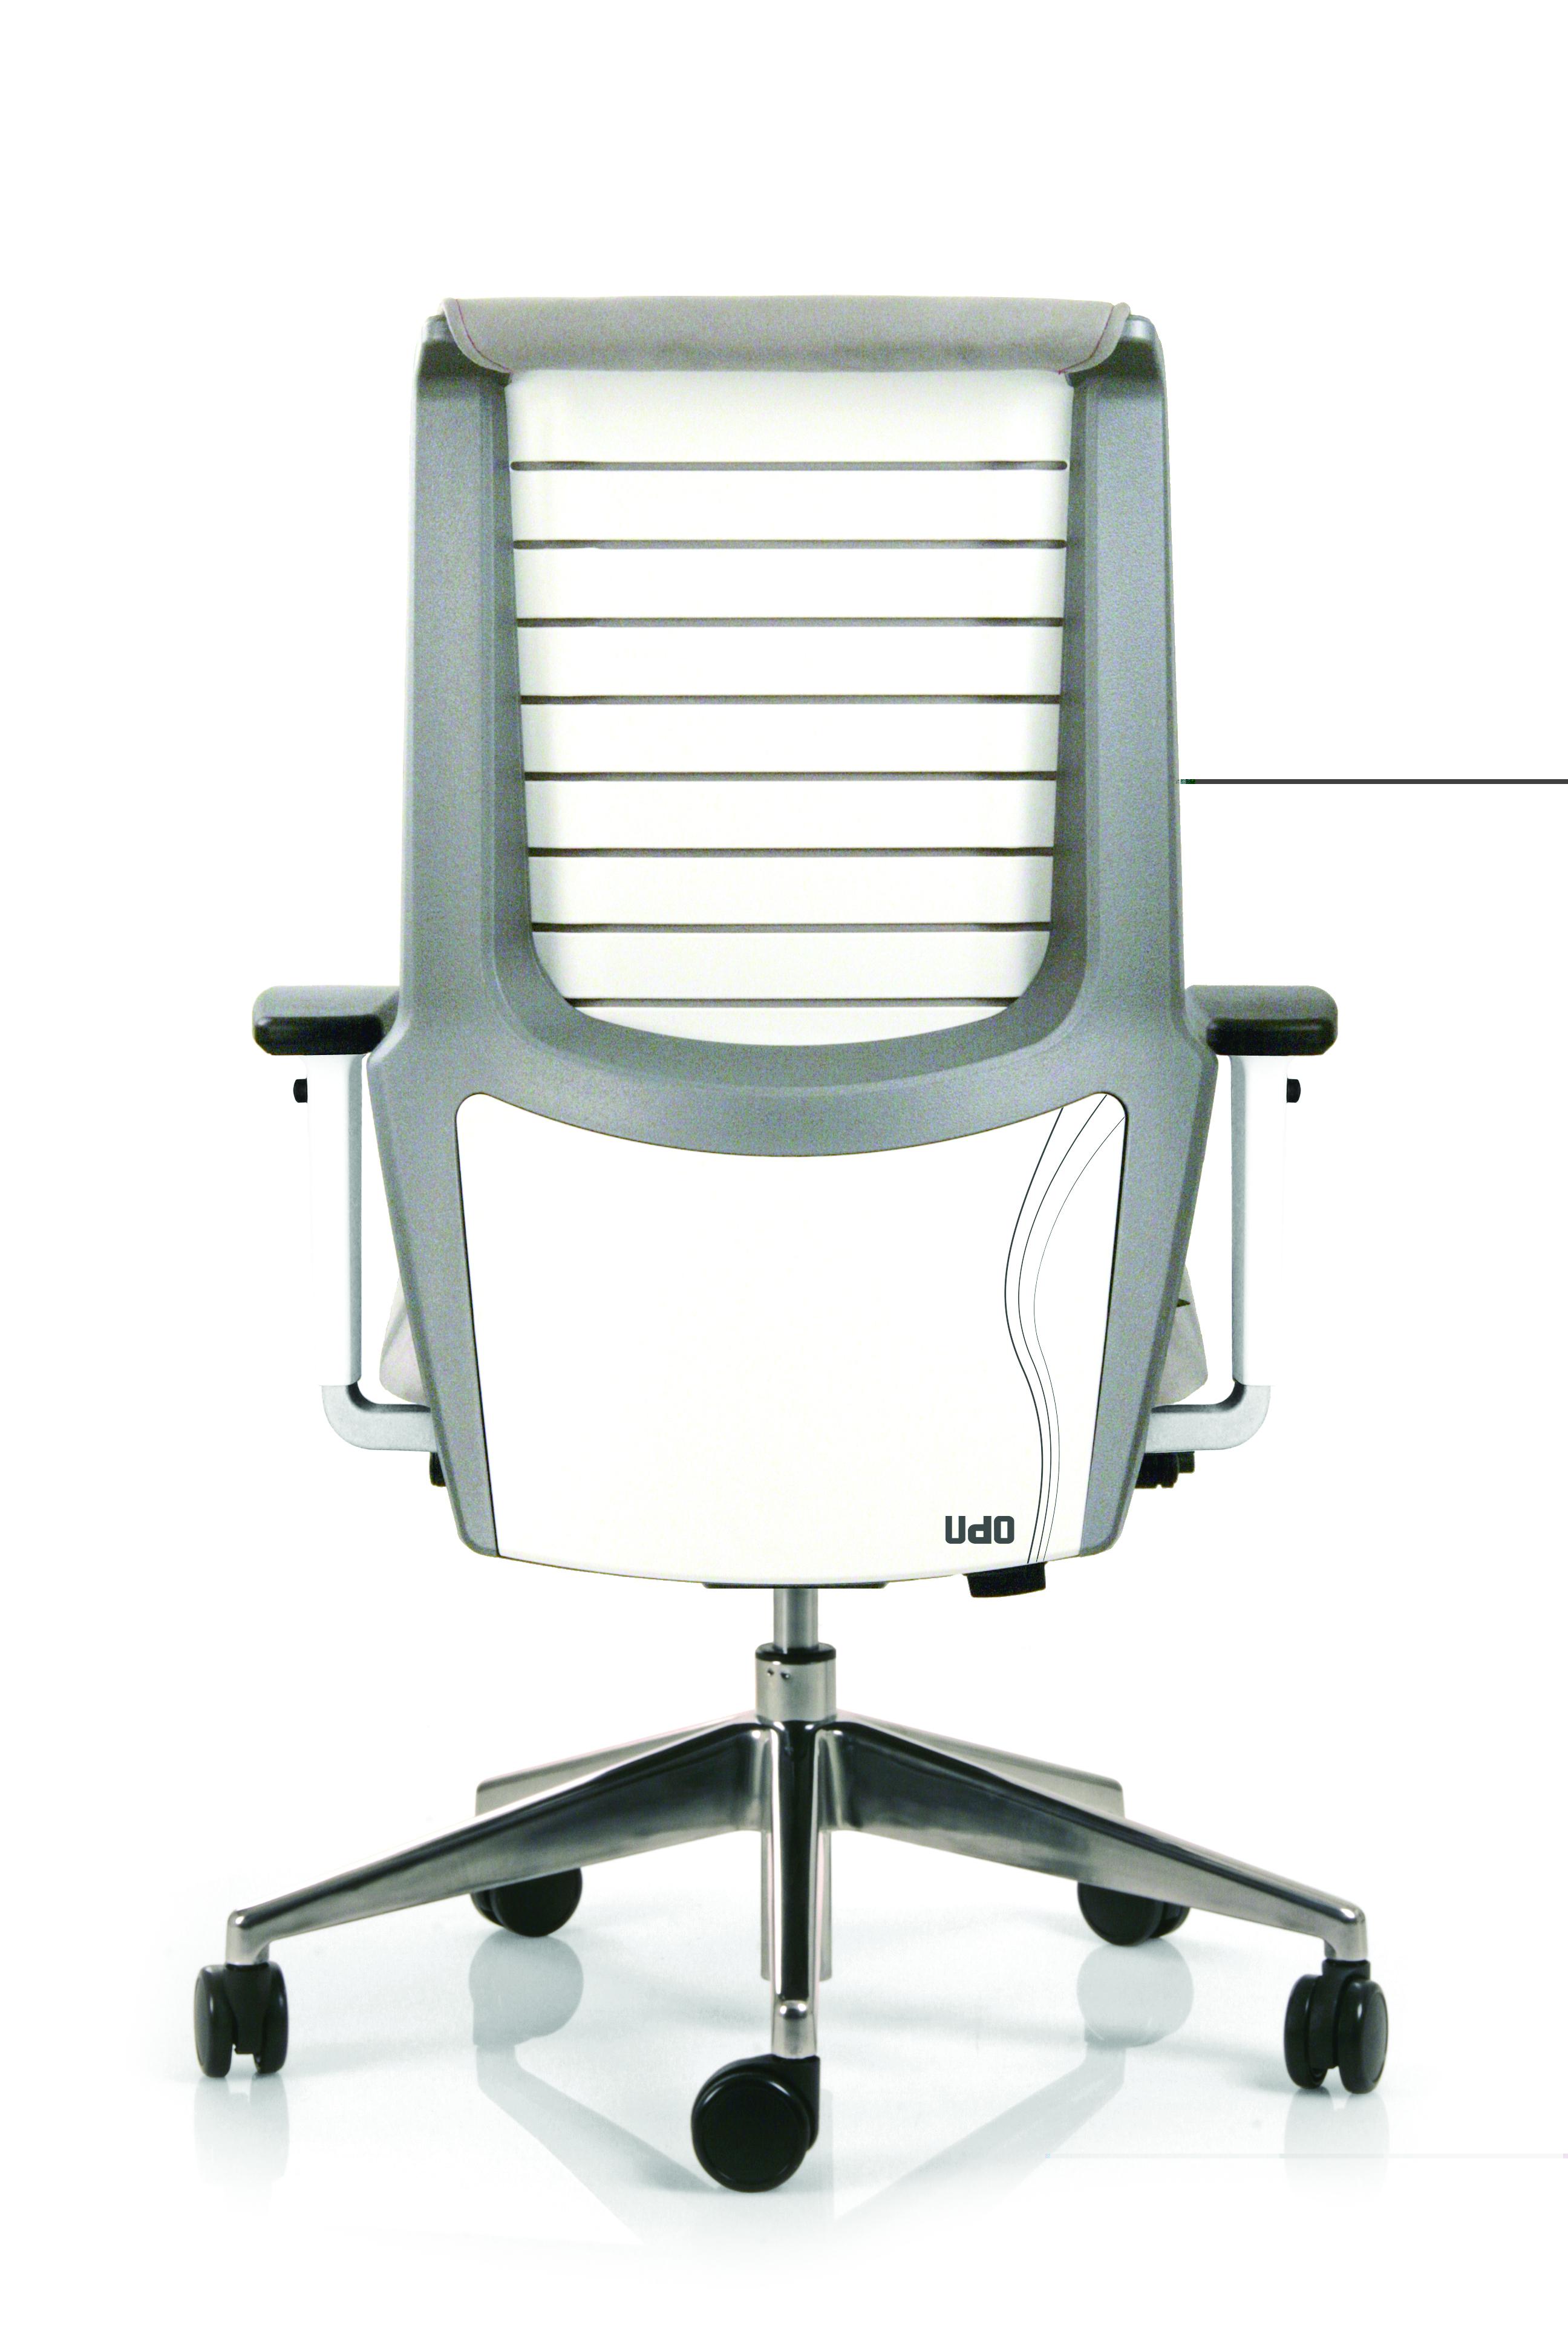 fauteuil de travail ergonomique fran ais co con u. Black Bedroom Furniture Sets. Home Design Ideas